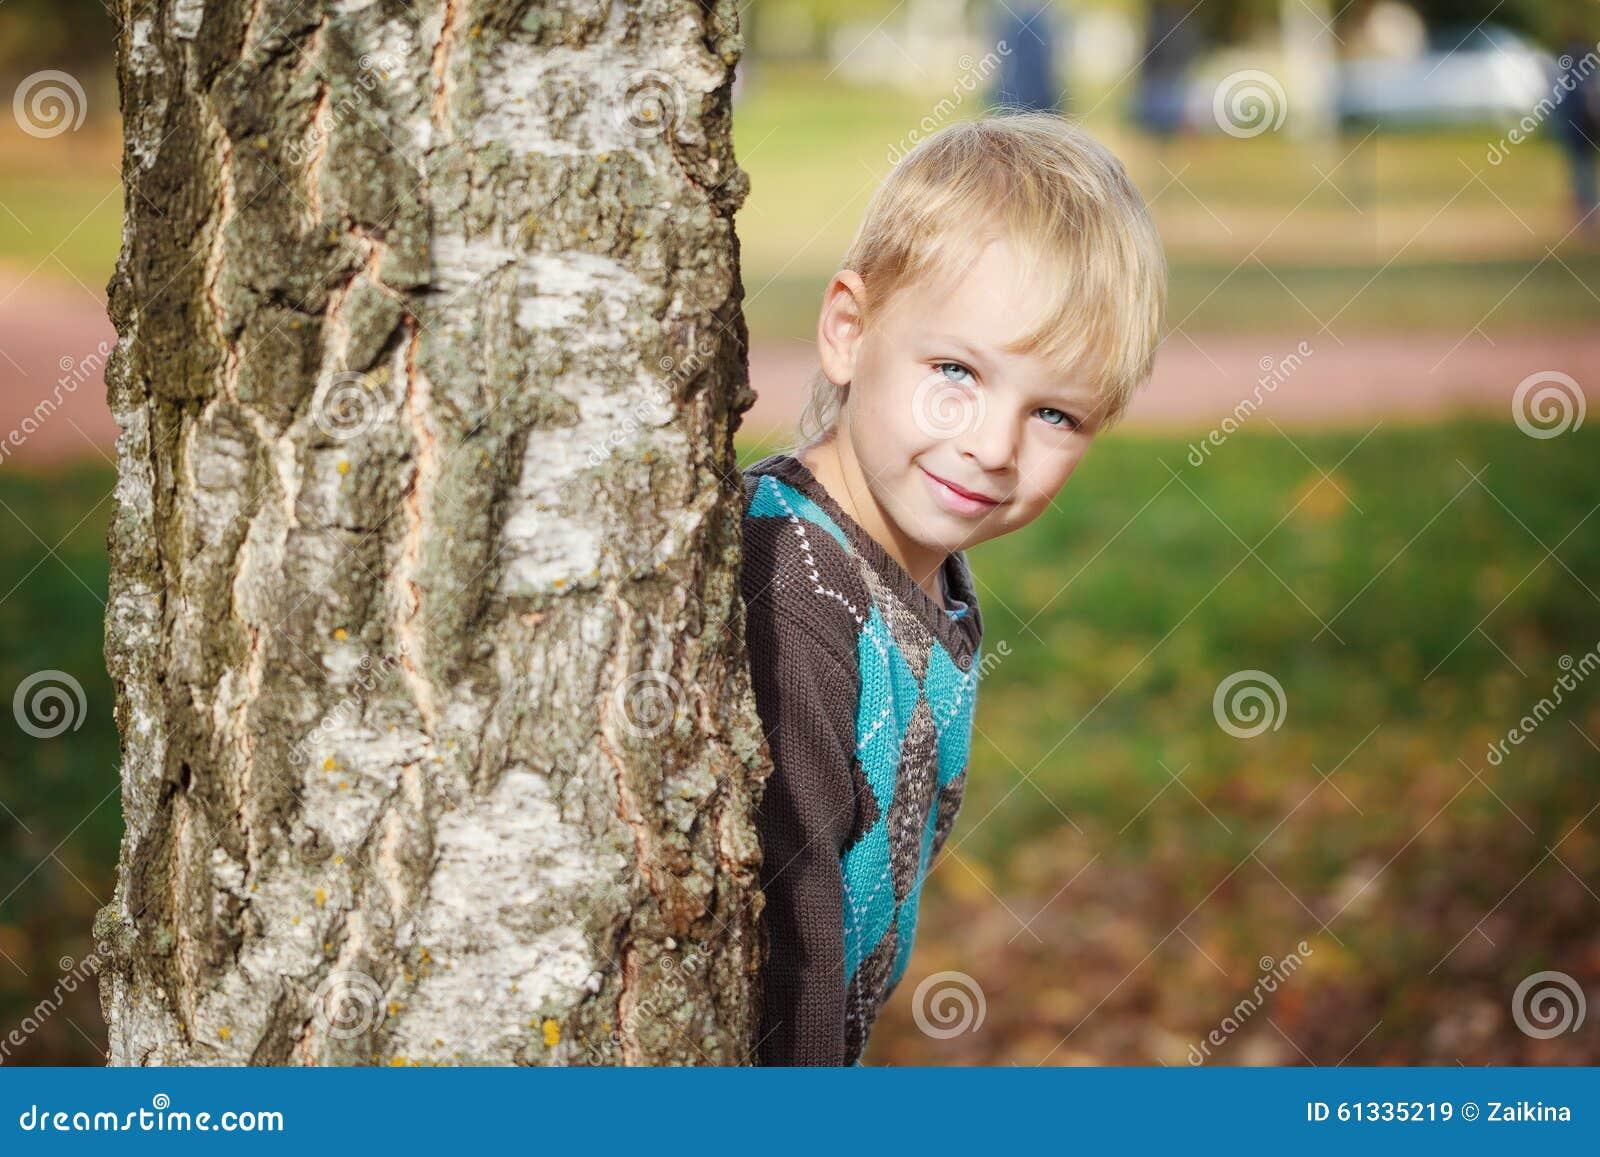 Leuke het portret weinig jongen in een gebreide sweater speelt achter een boom in de herfstpark, huid-en-zoekt het spel bij